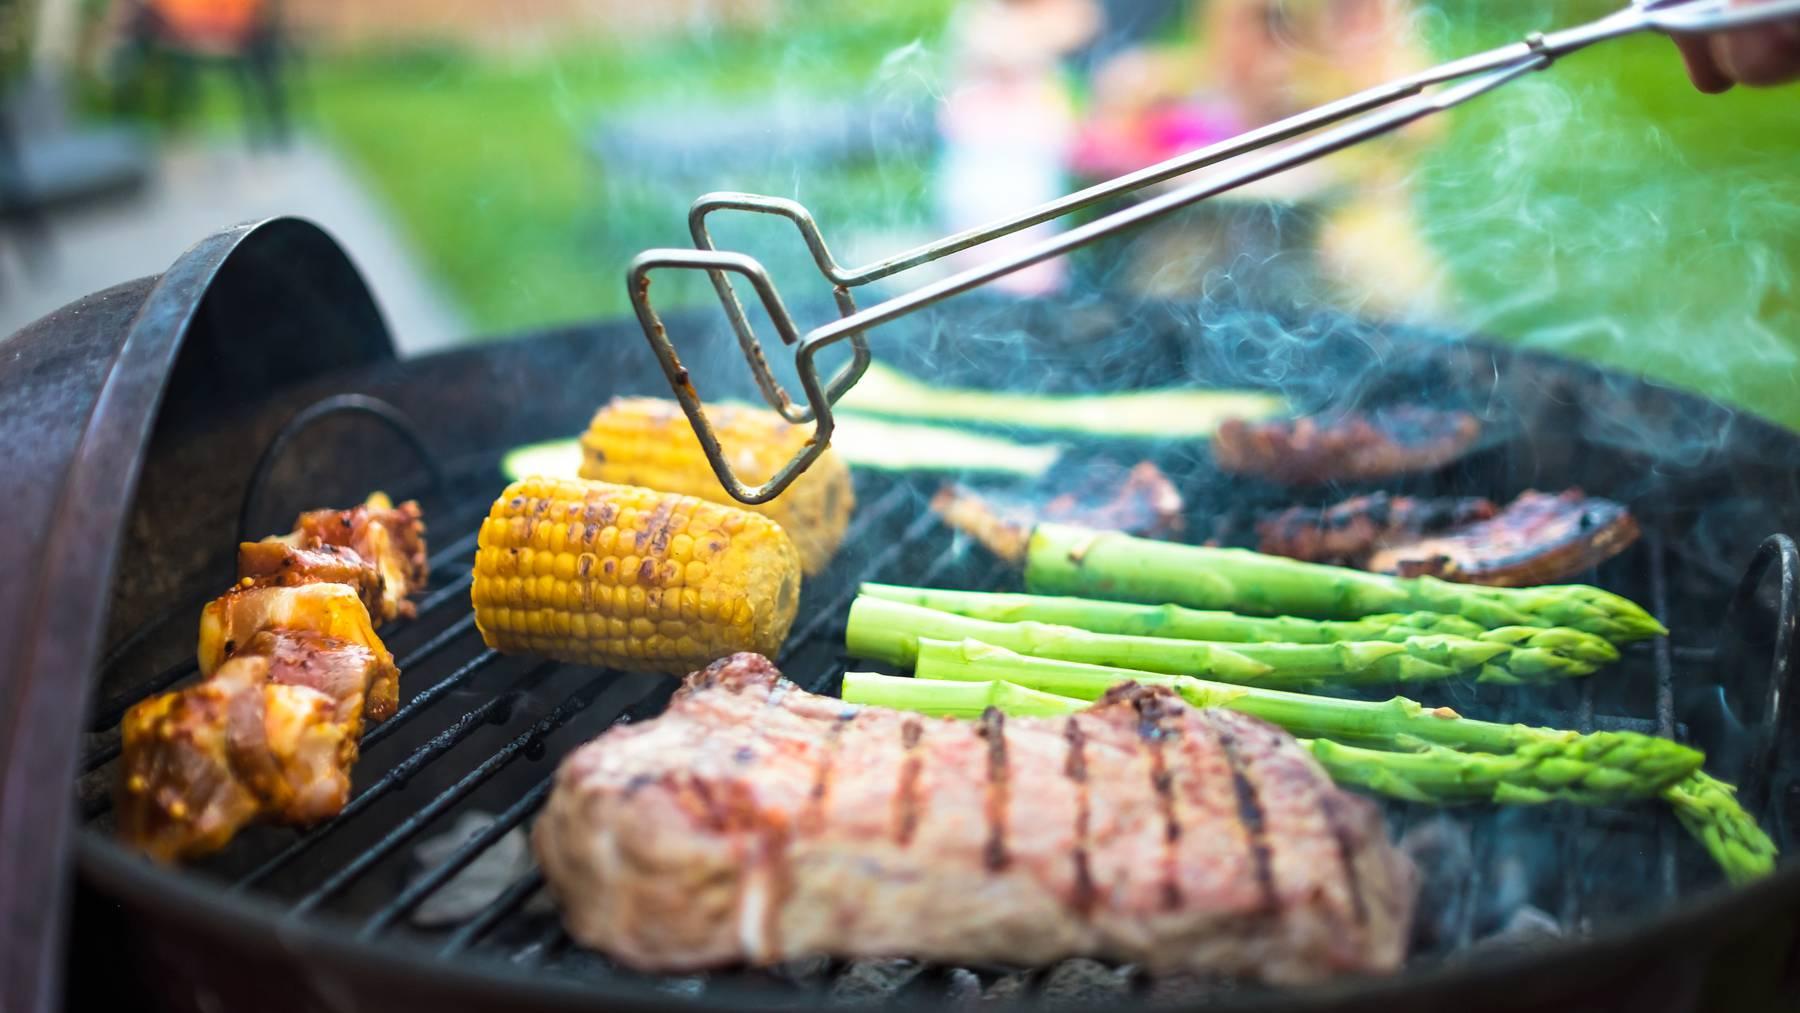 Grillgemüse und Fleisch, wo es hingehört: auf dem Grill. (Symbolbild)